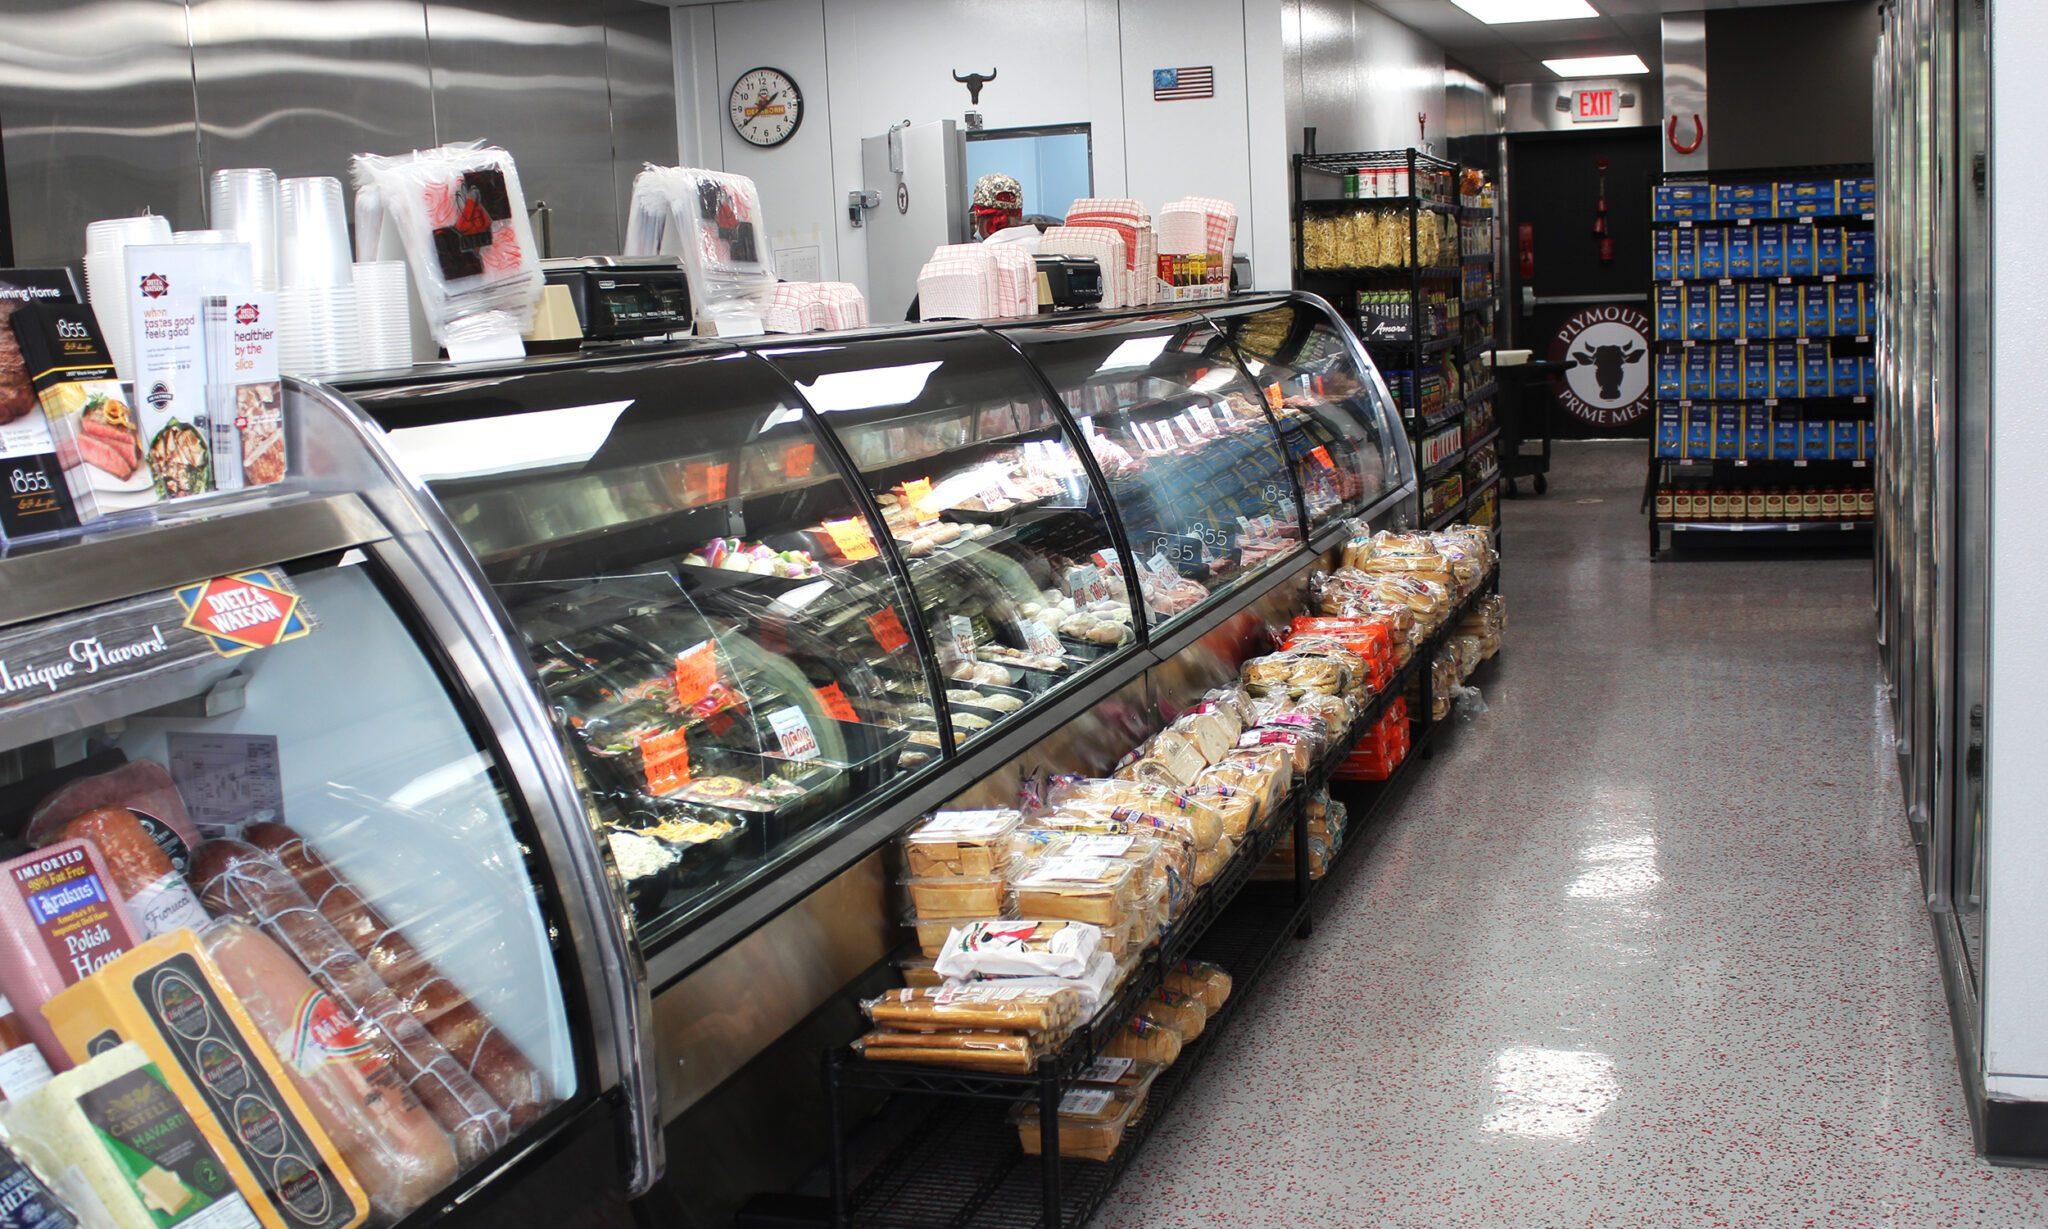 inside photo of the deli counter